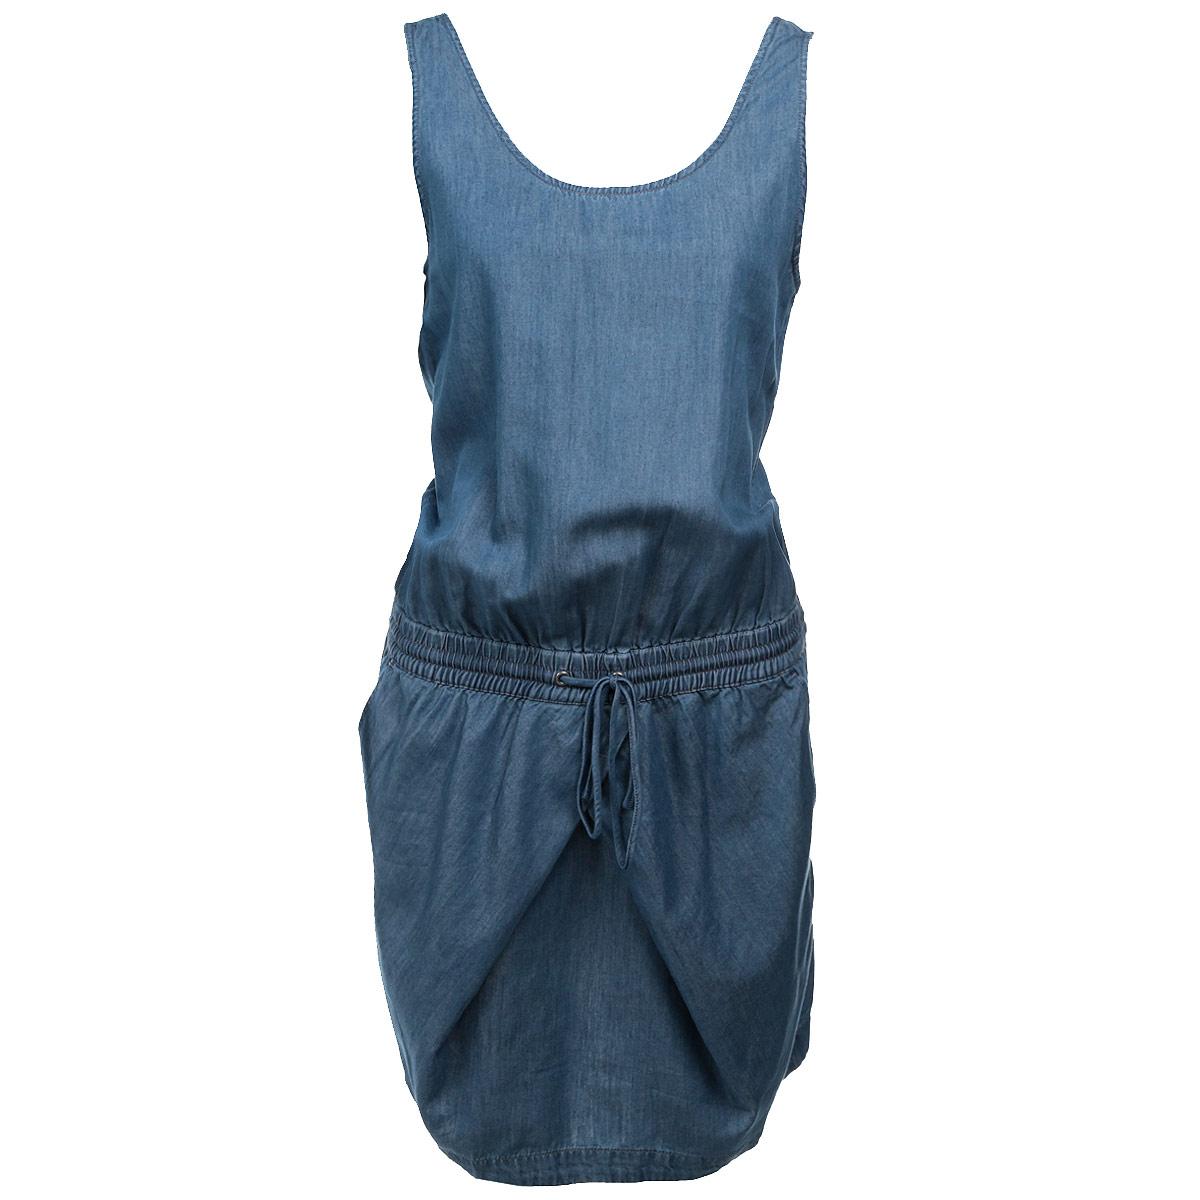 ПлатьеB475006Стильное легкое платье Calvin Klein Jeans приталенного силуэта, изготовленное из высококачественного денима, очень мягкое на ощупь, не раздражает даже самую нежную и чувствительную кожу и хорошо вентилируется. Модель с круглым вырезом горловины, на широких бретелях. На талии предусмотрена широкая эластичная резинка и затягивающийся шнурок. По бокам расположены втачные карманы. Сзади - имитащия прорезных кармашков. В таком наряде вы, безусловно, привлечете восхищенные взгляды окружающих.